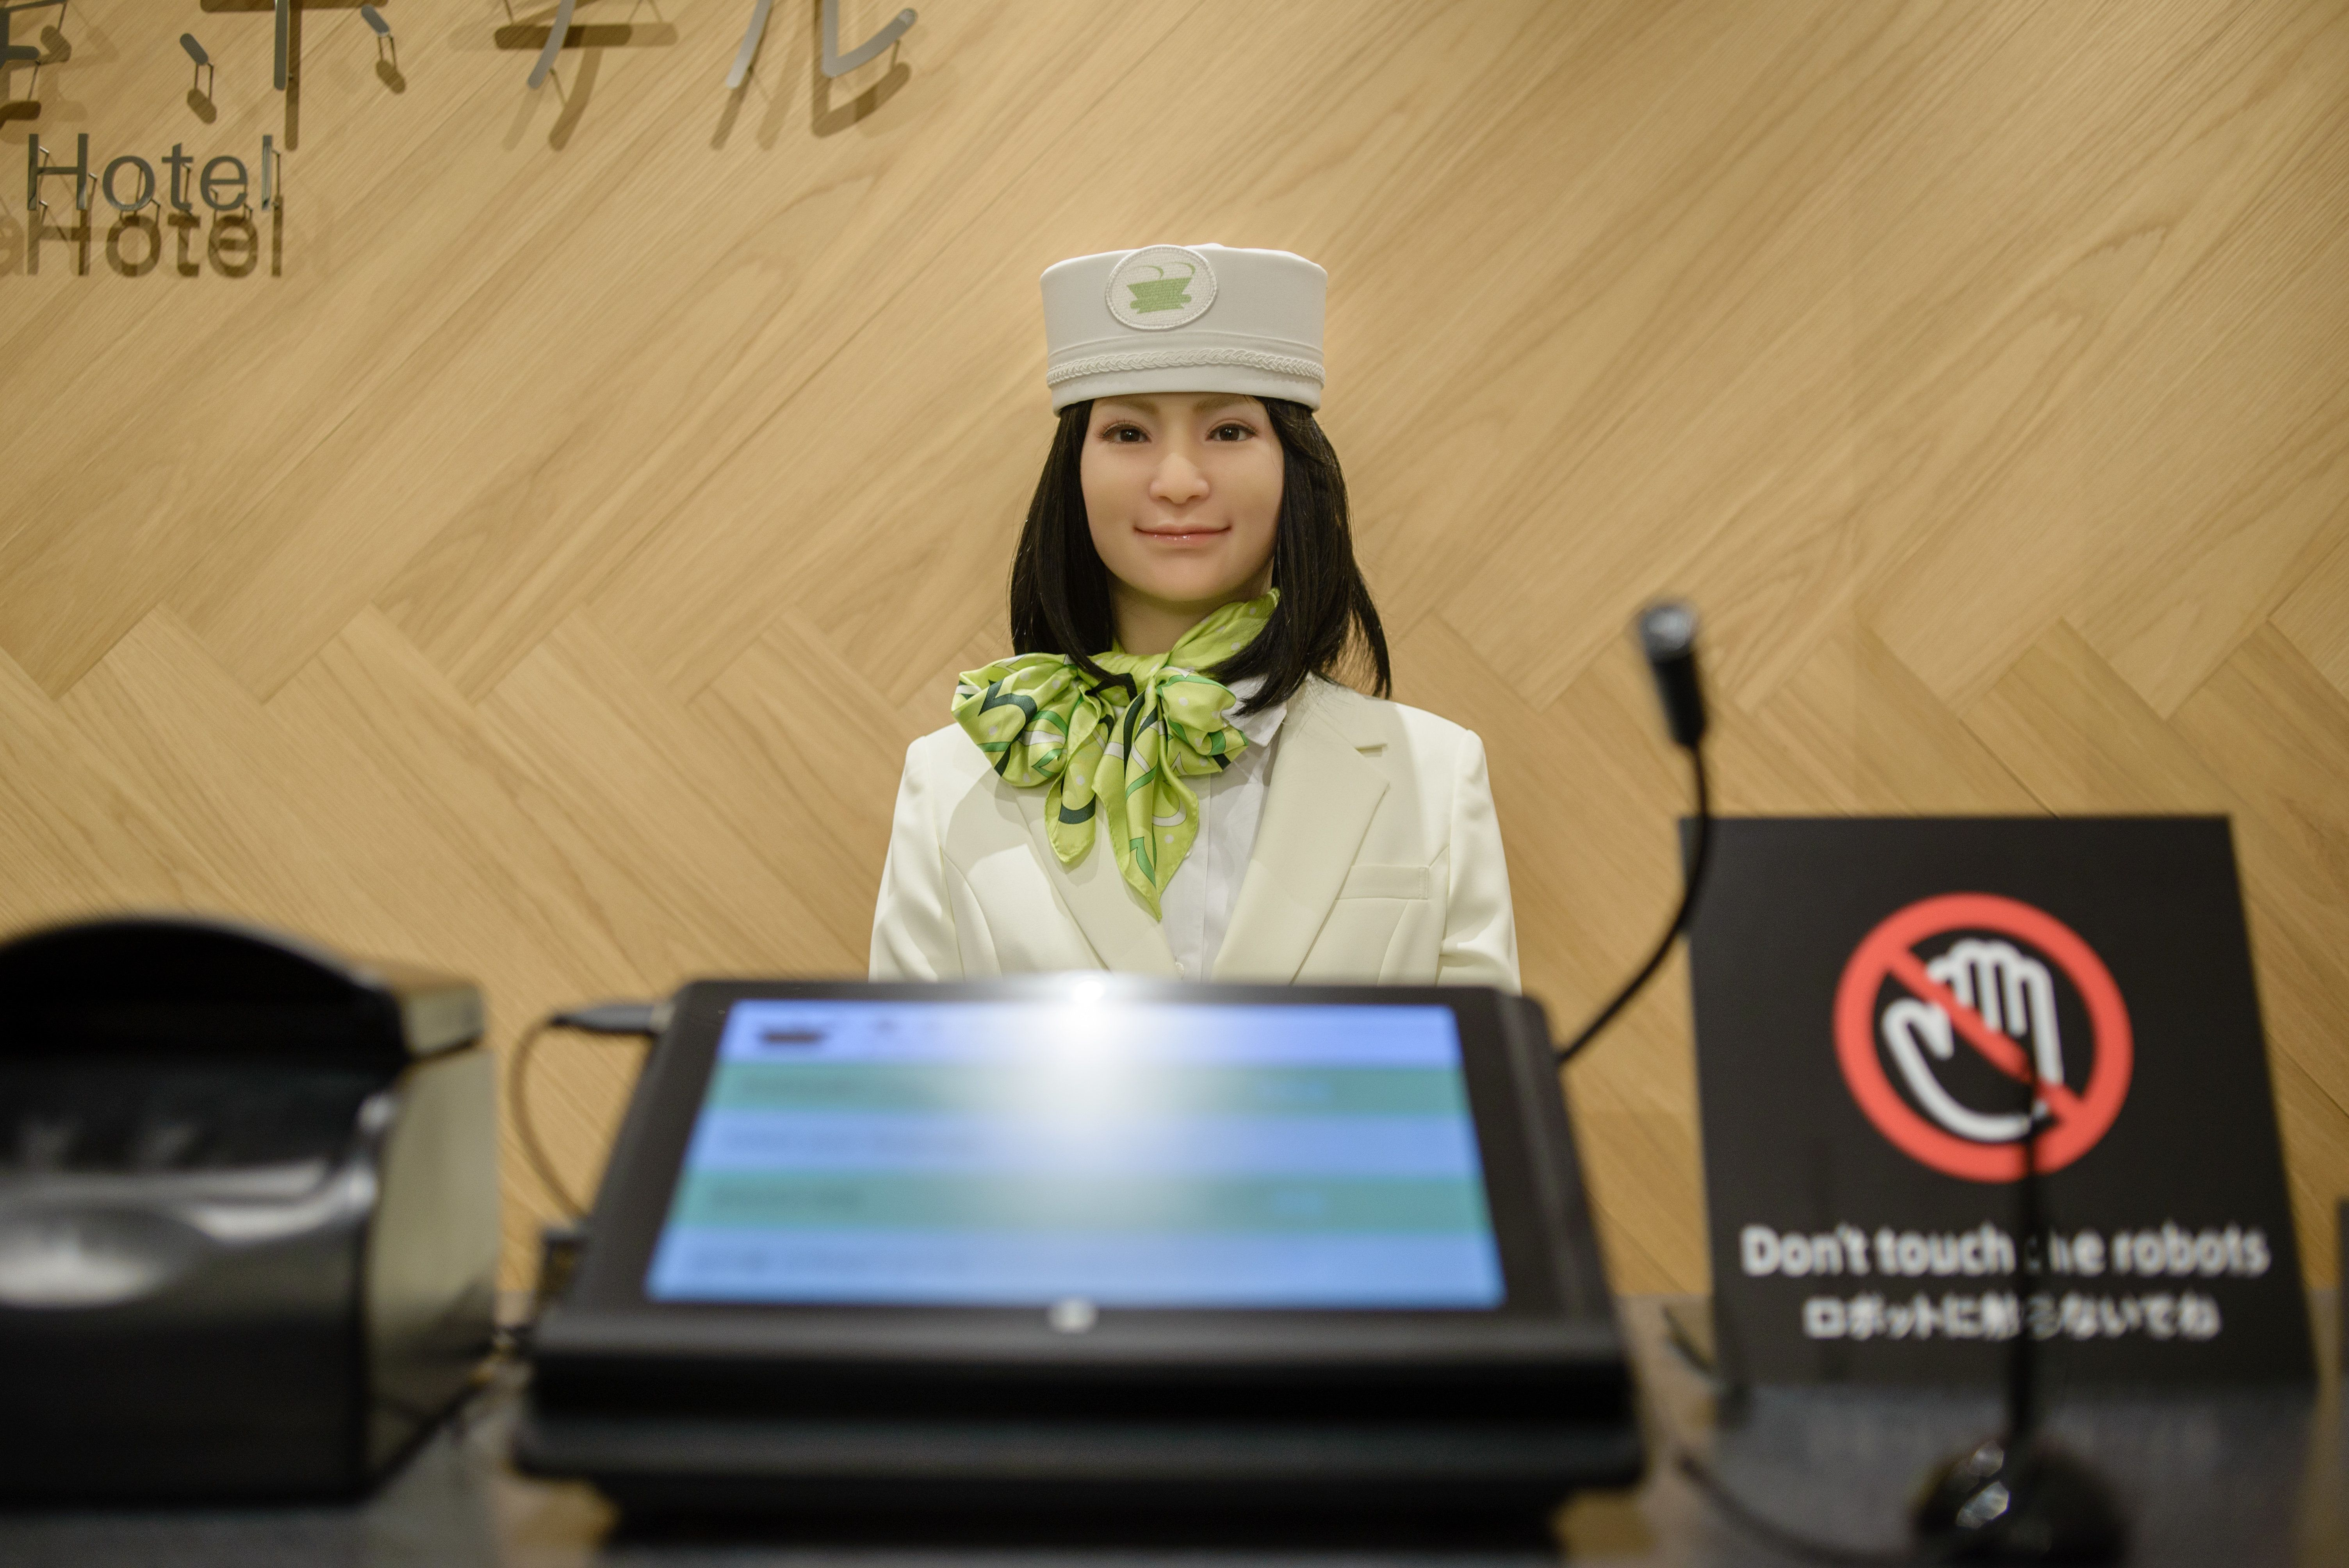 로봇 스텝을 고용했던 일본 호텔이 로봇을 해고시킨